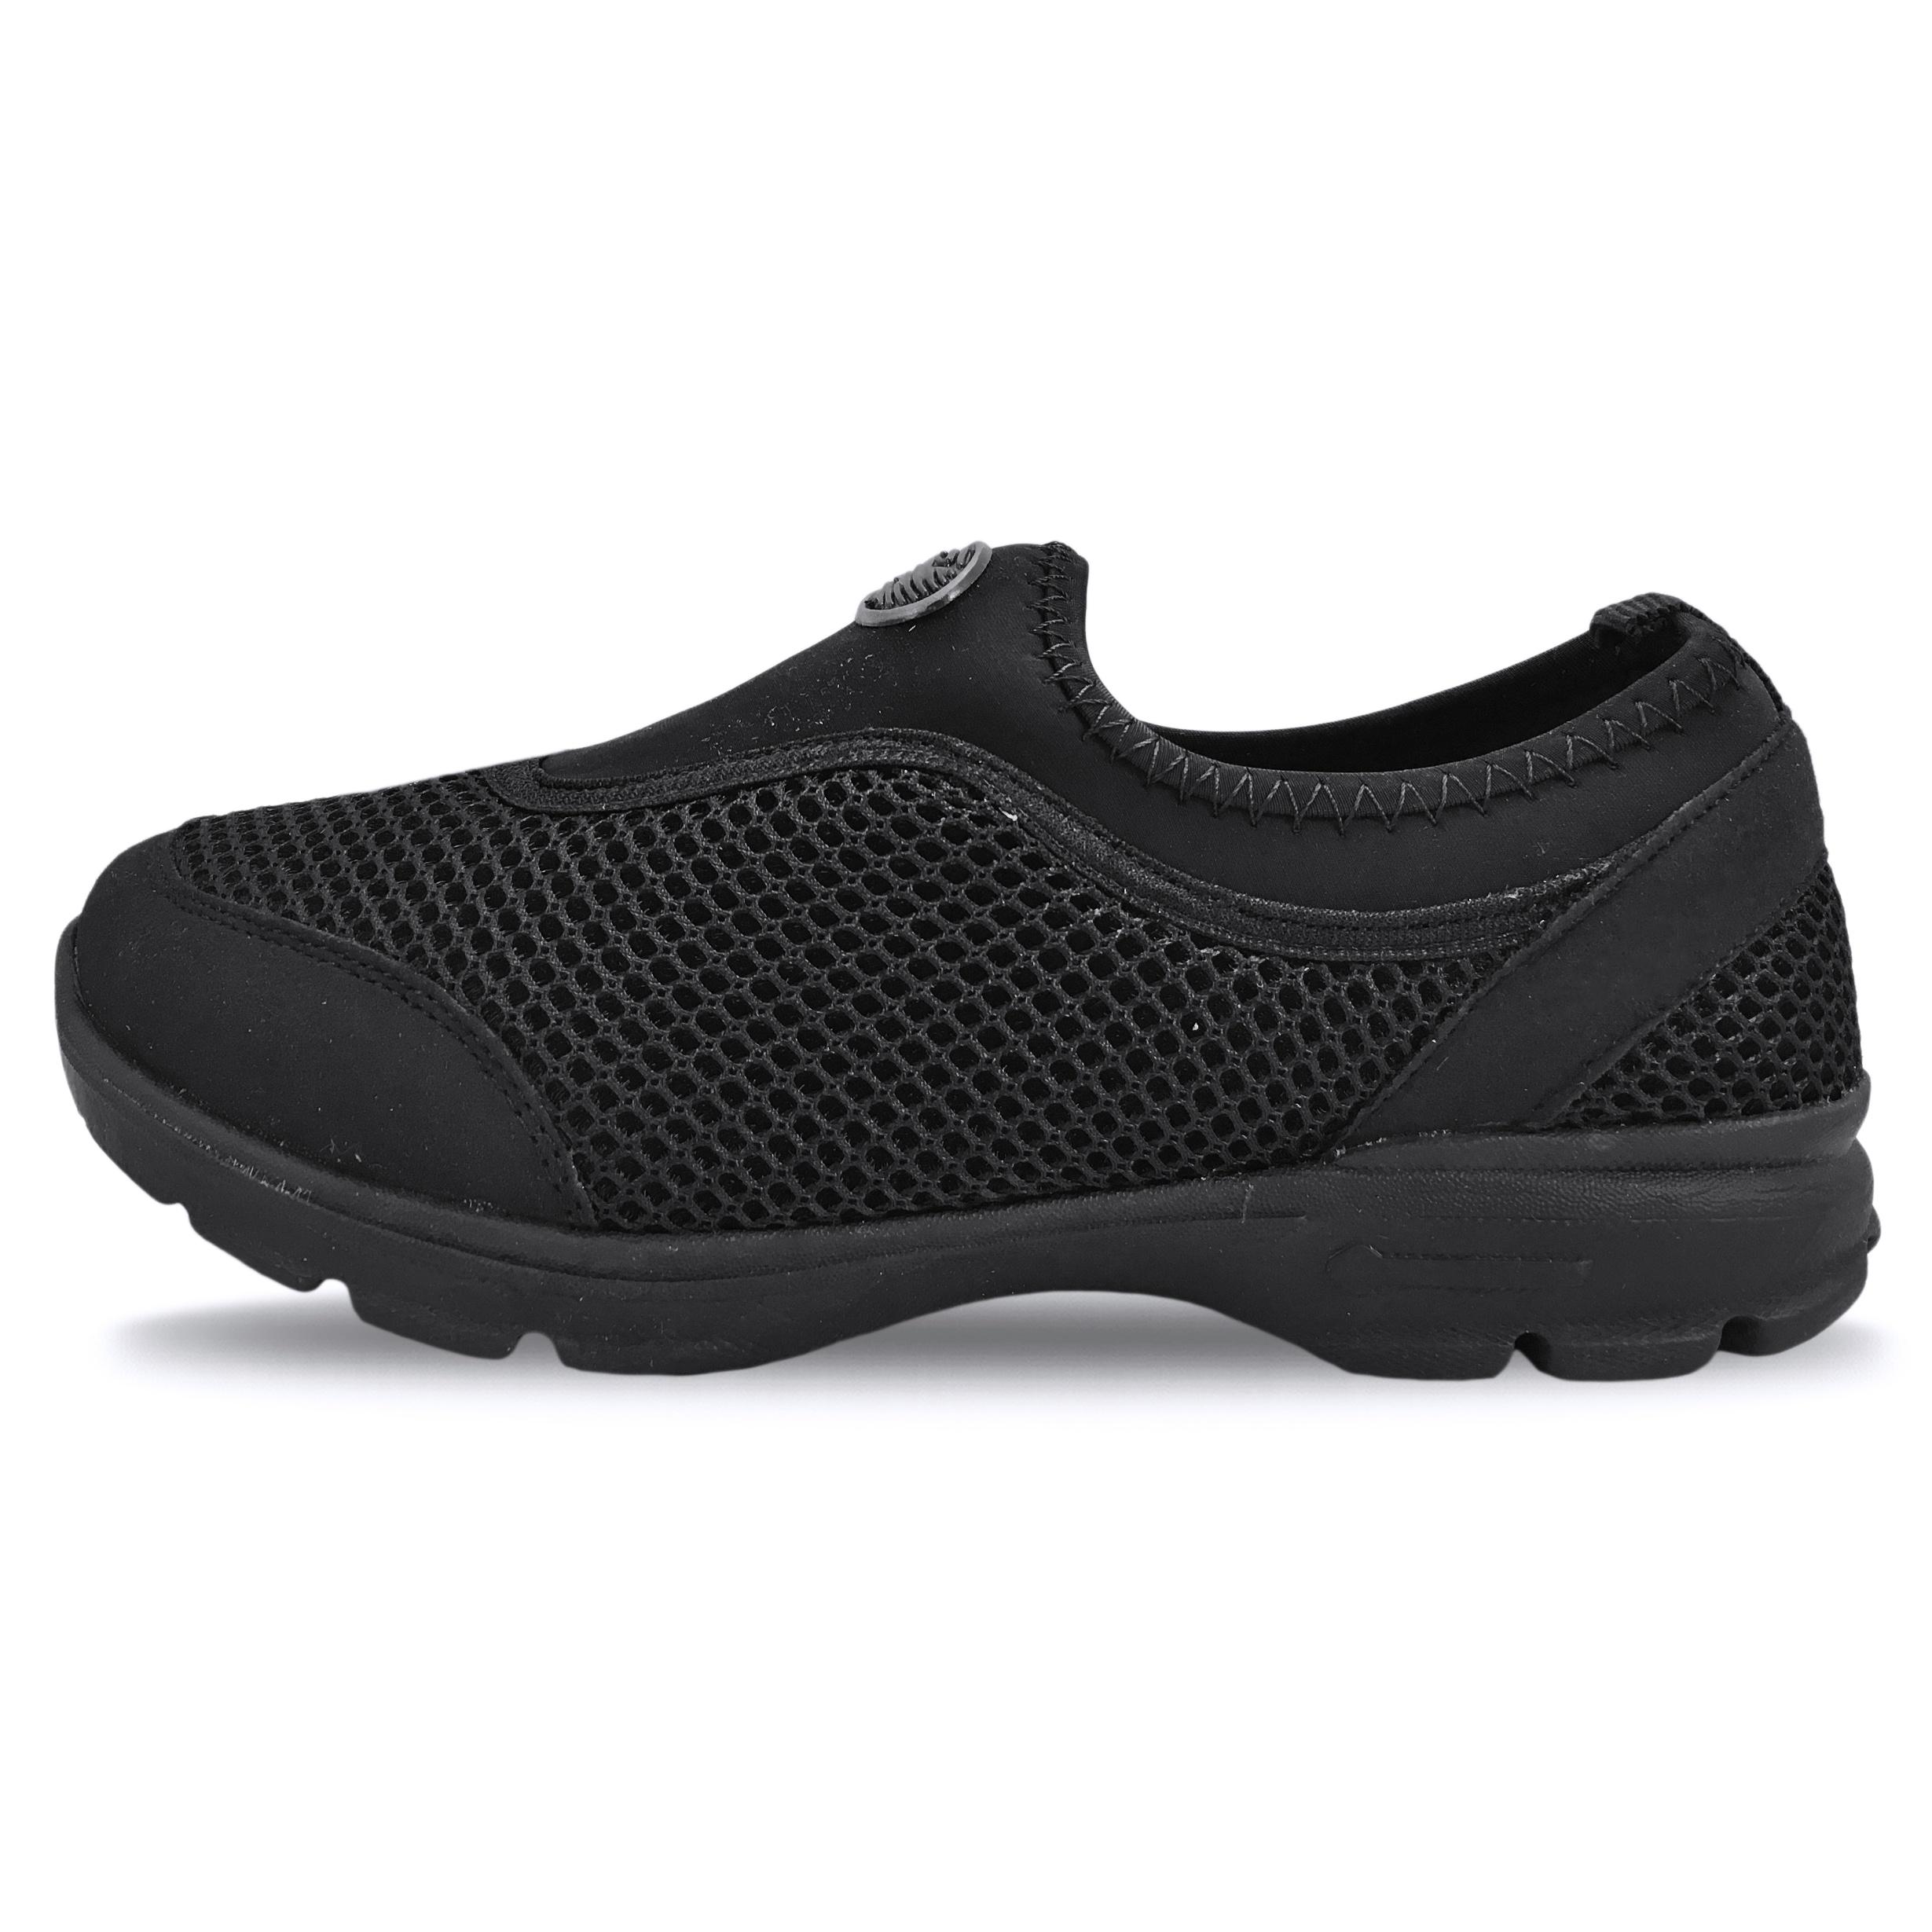 کفش مخصوص پیاده روی زنانه مدل پارسیان کد 3636